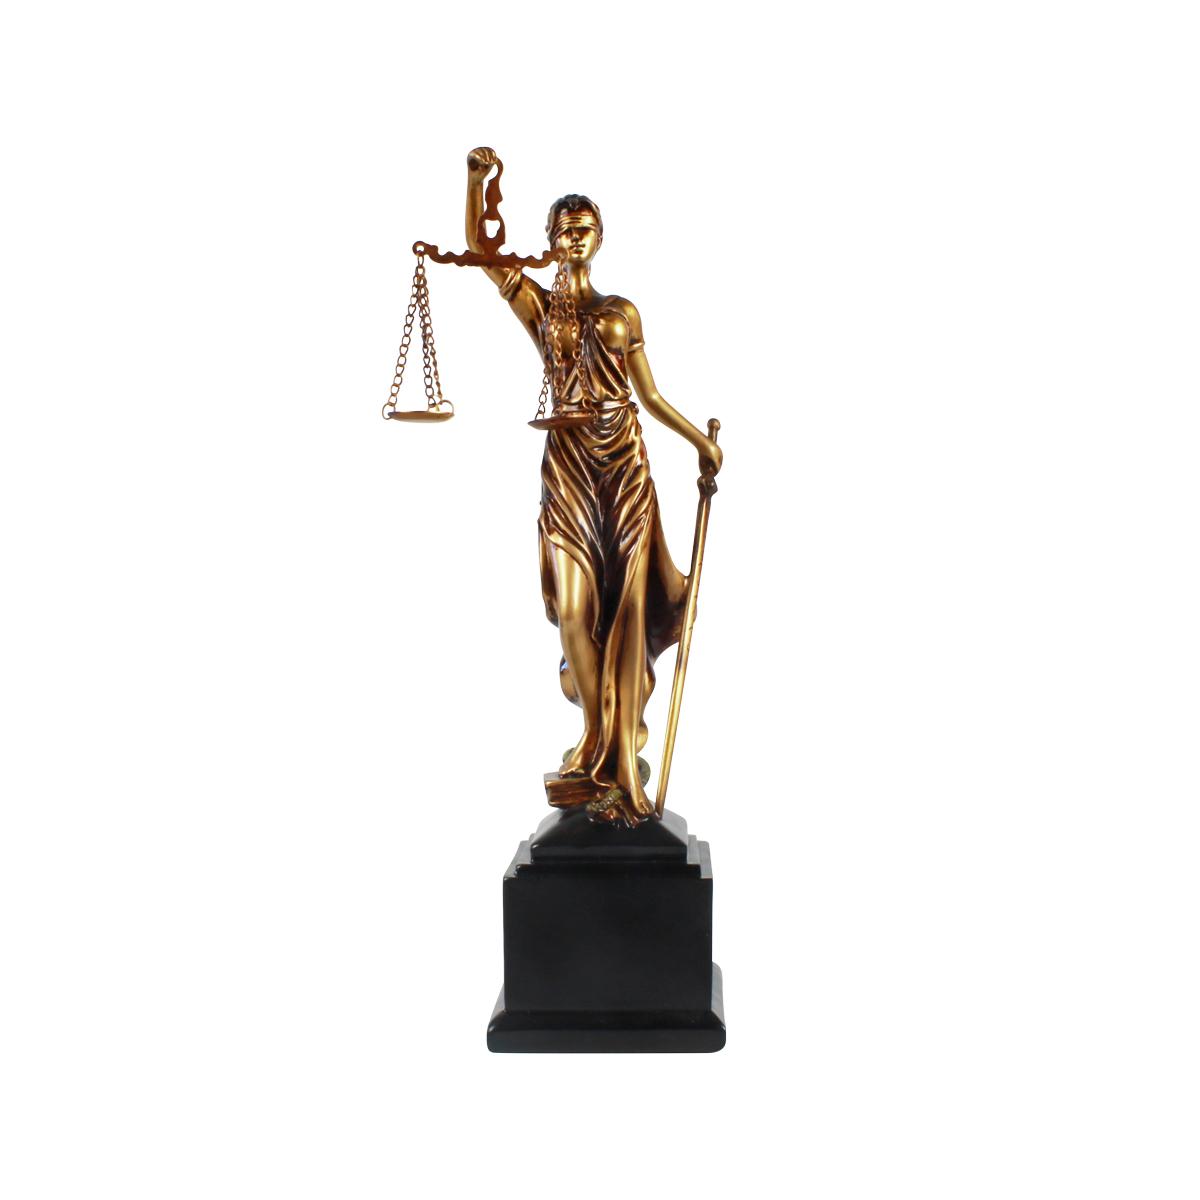 Estátua Deusa Têmis 34cm Dama Da Justiça Símbolo Do Direito